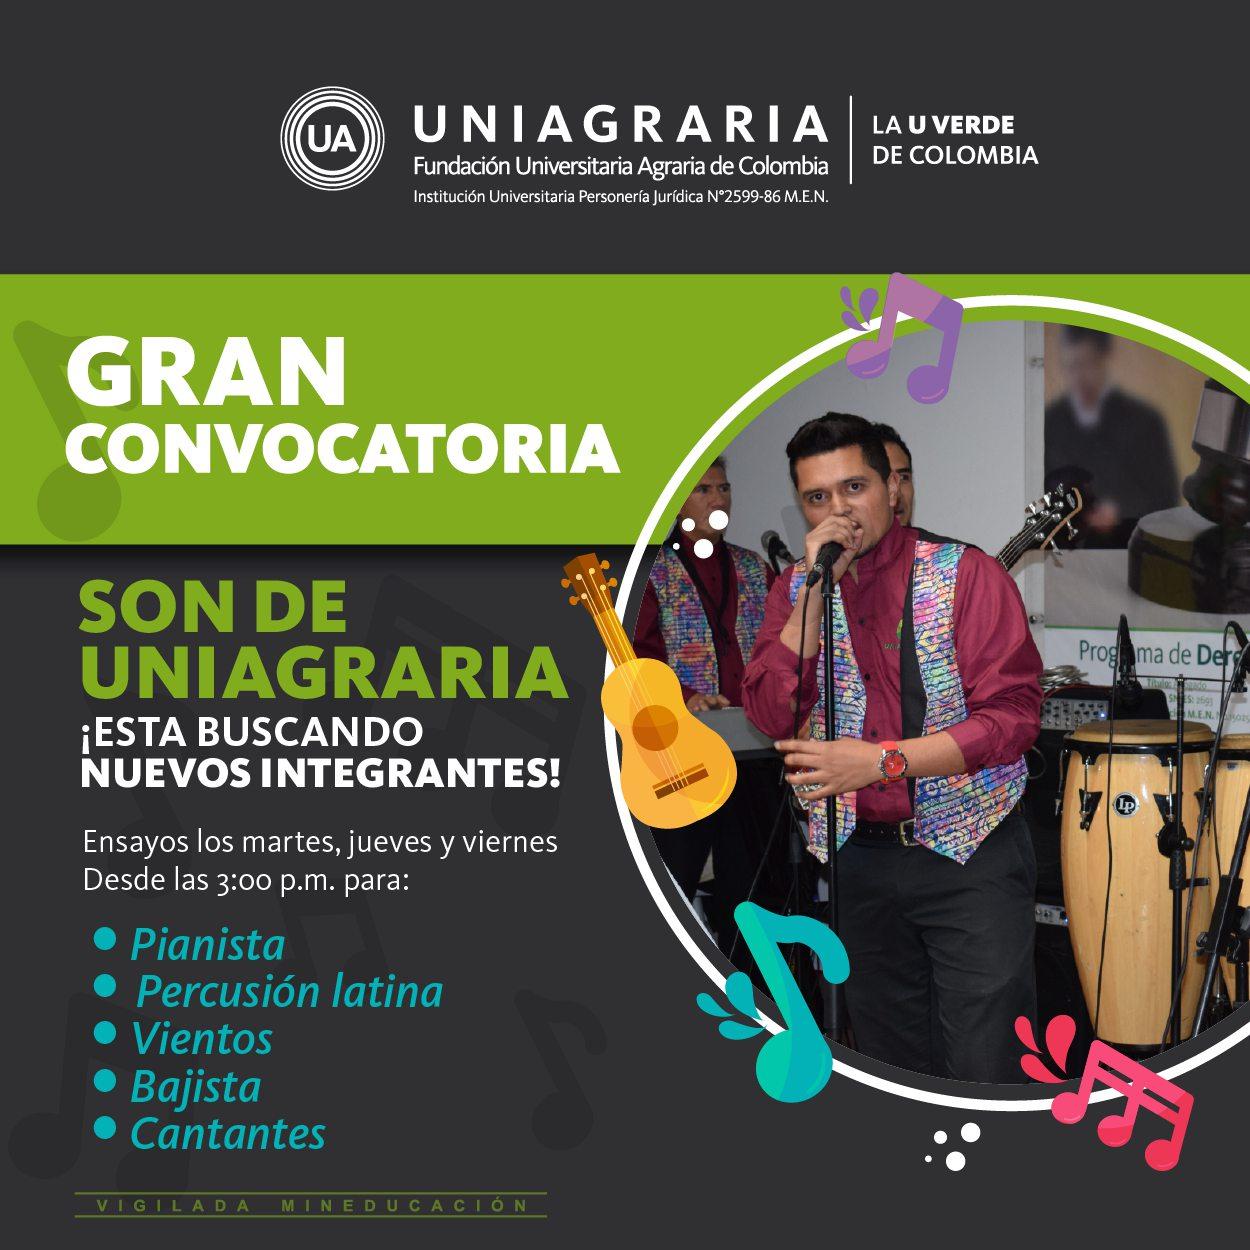 ¡Son de Uniagraria está buscando nuevos integrantes!